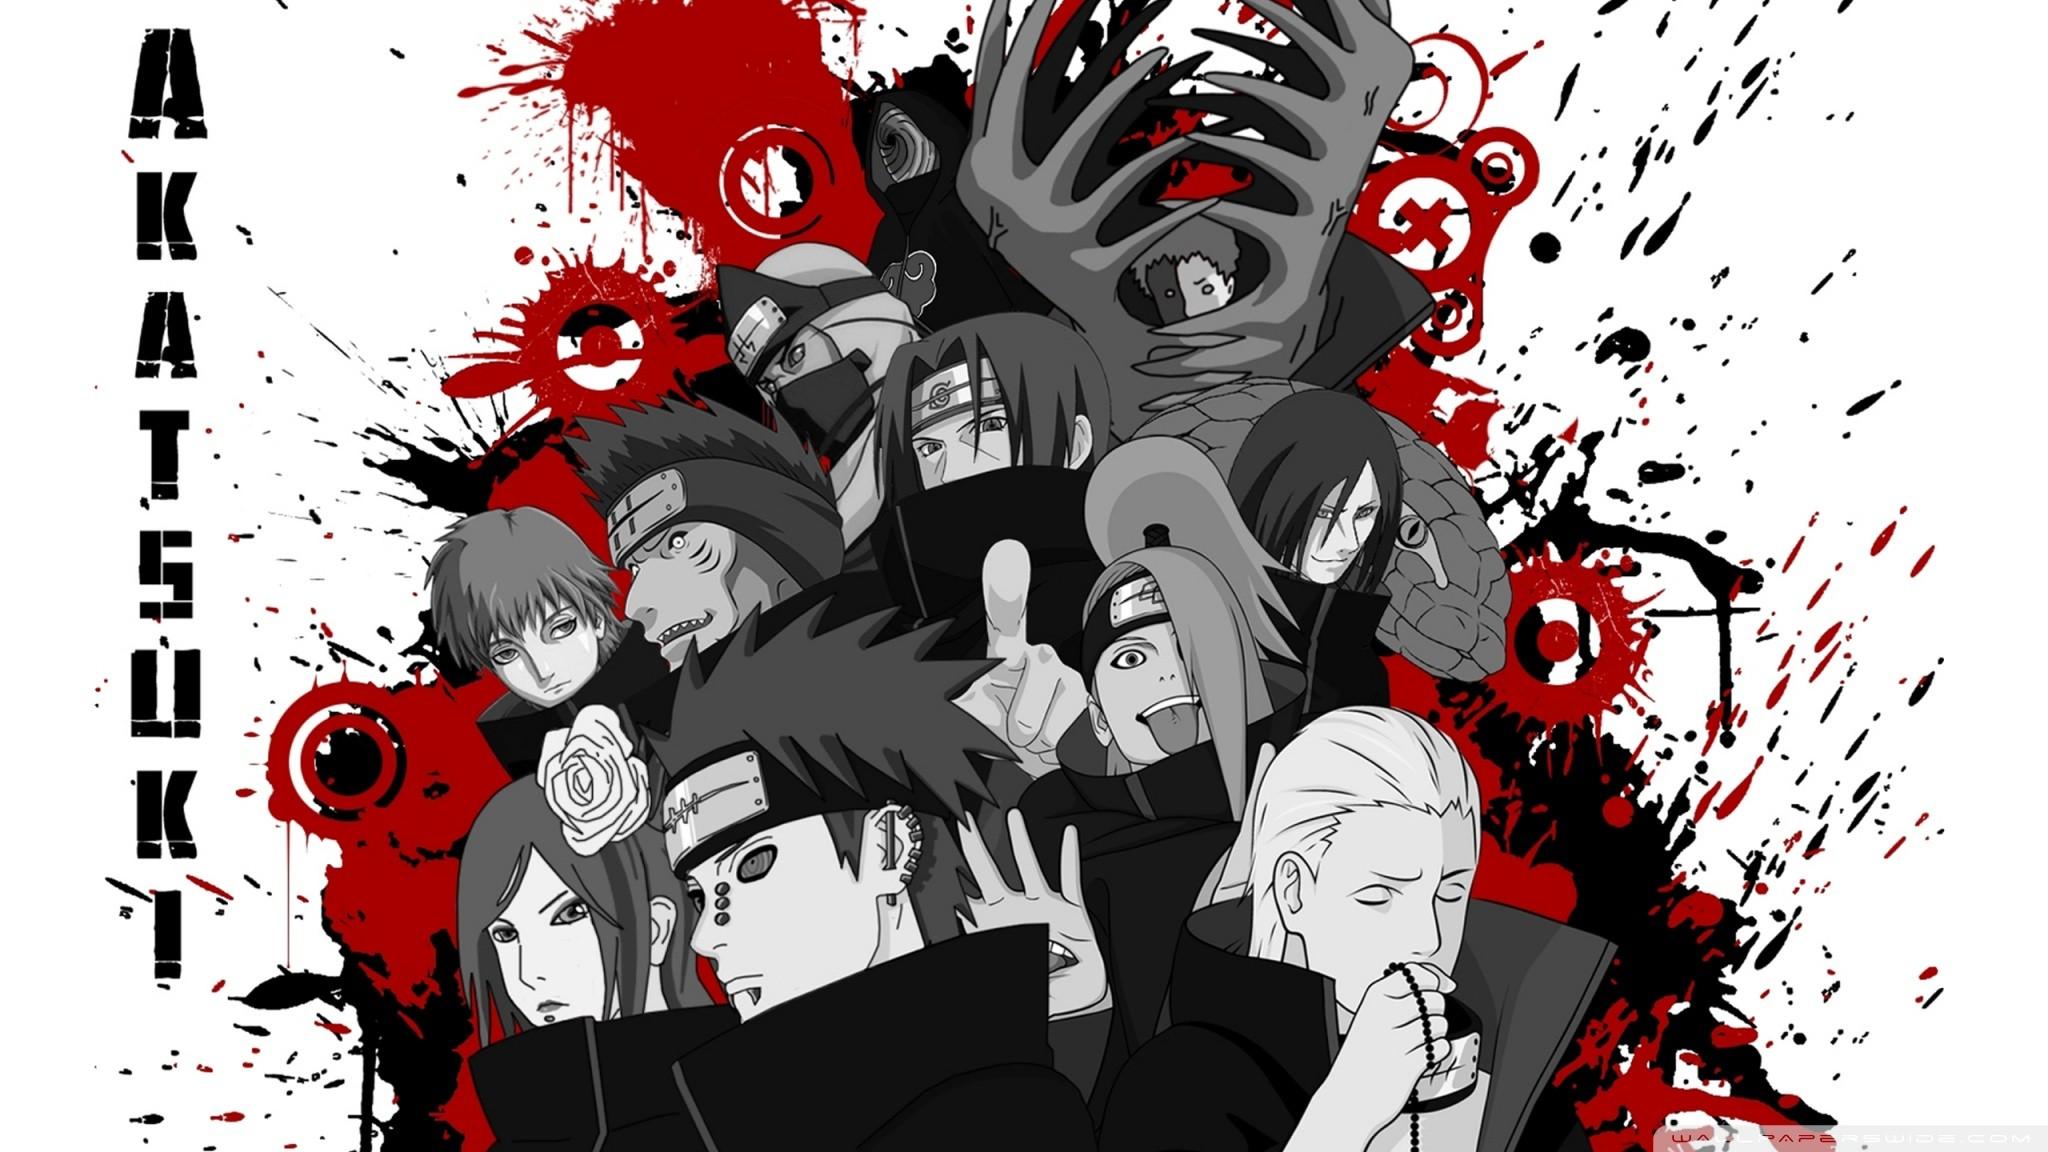 Res: 2048x1152, Anime - Naruto Akatsuki (Naruto) Obito Uchiha Kakuzu (Naruto) Kisame  Hoshigaki Zetsu